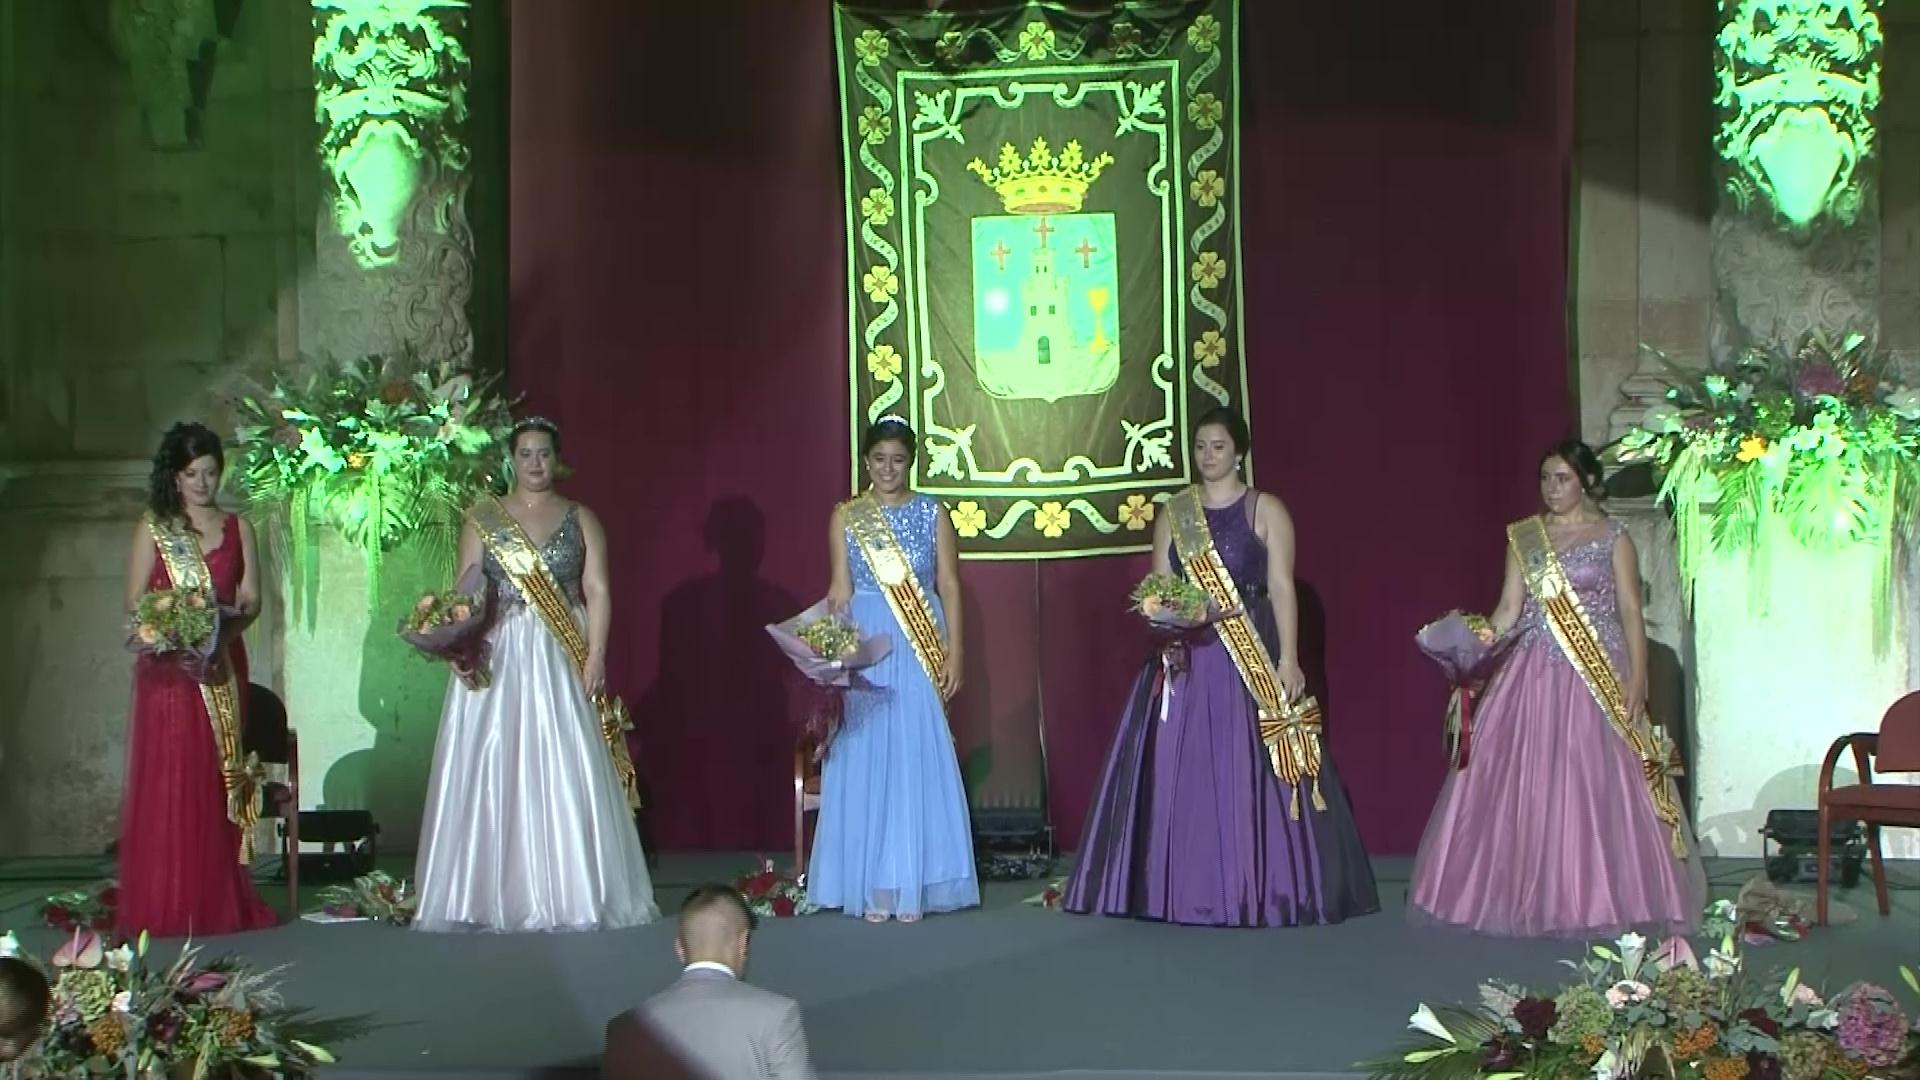 Alcalà celebra la presentació de les festeres 2019